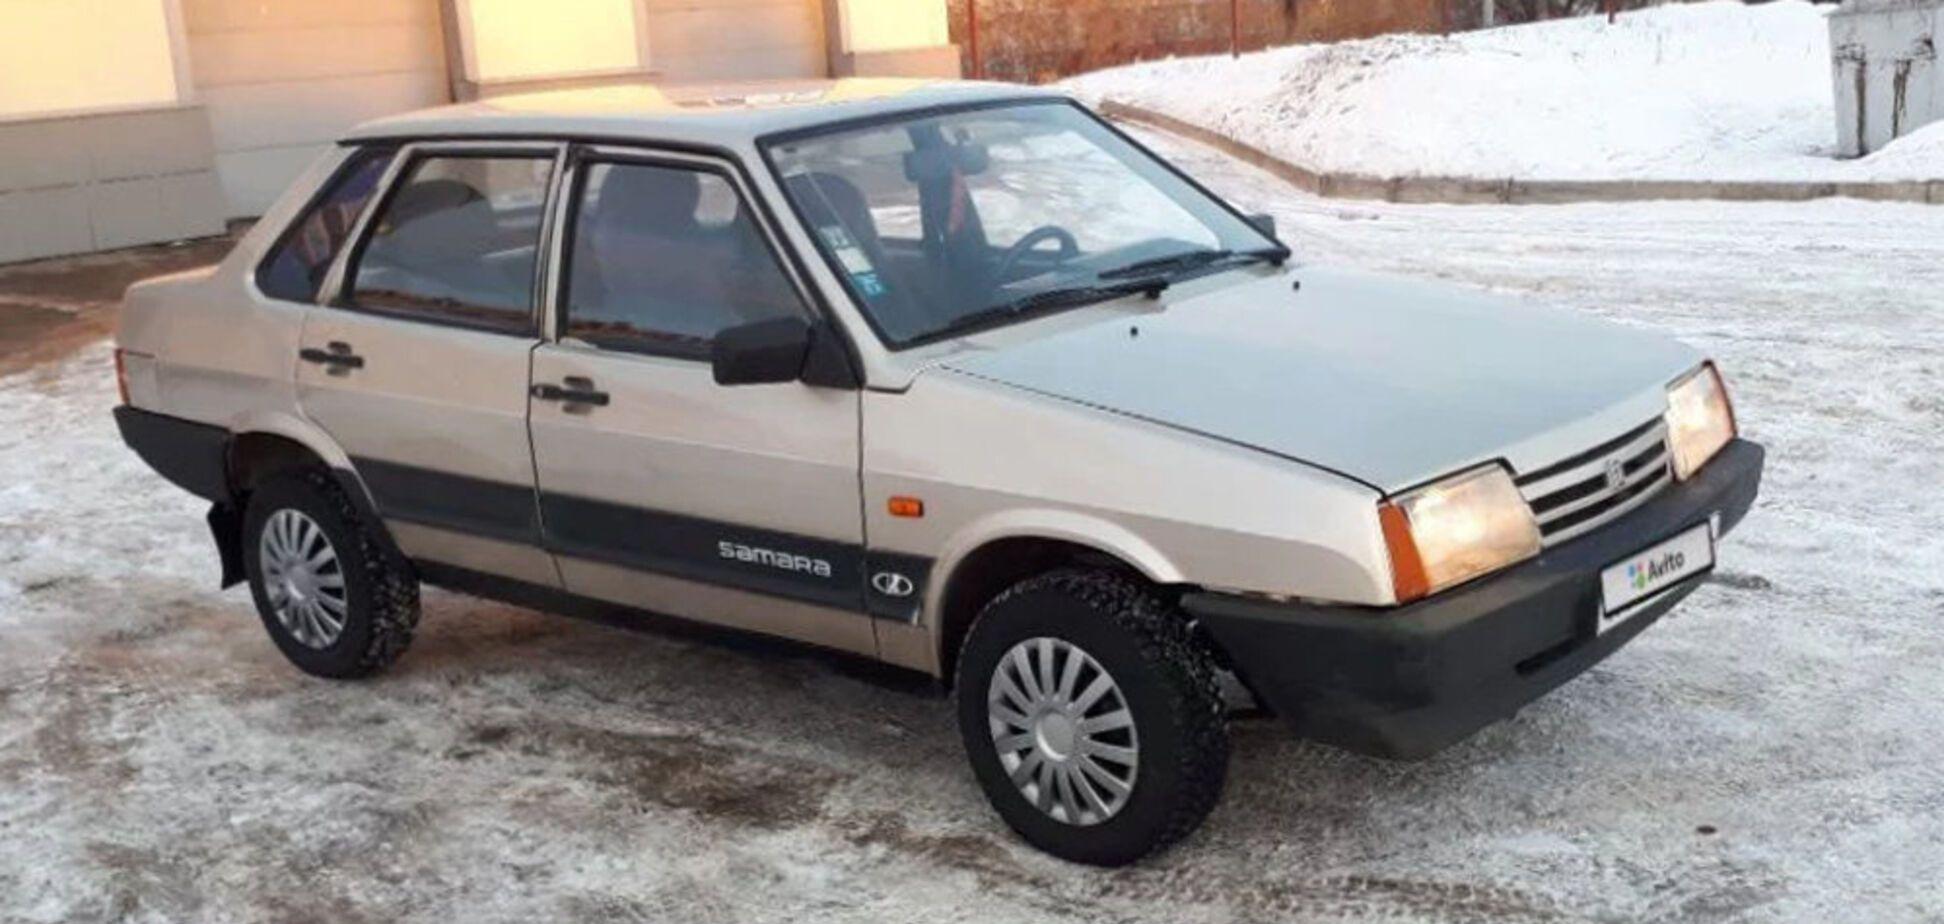 Уникальный внедорожник ВАЗ-21099 оценили в $800